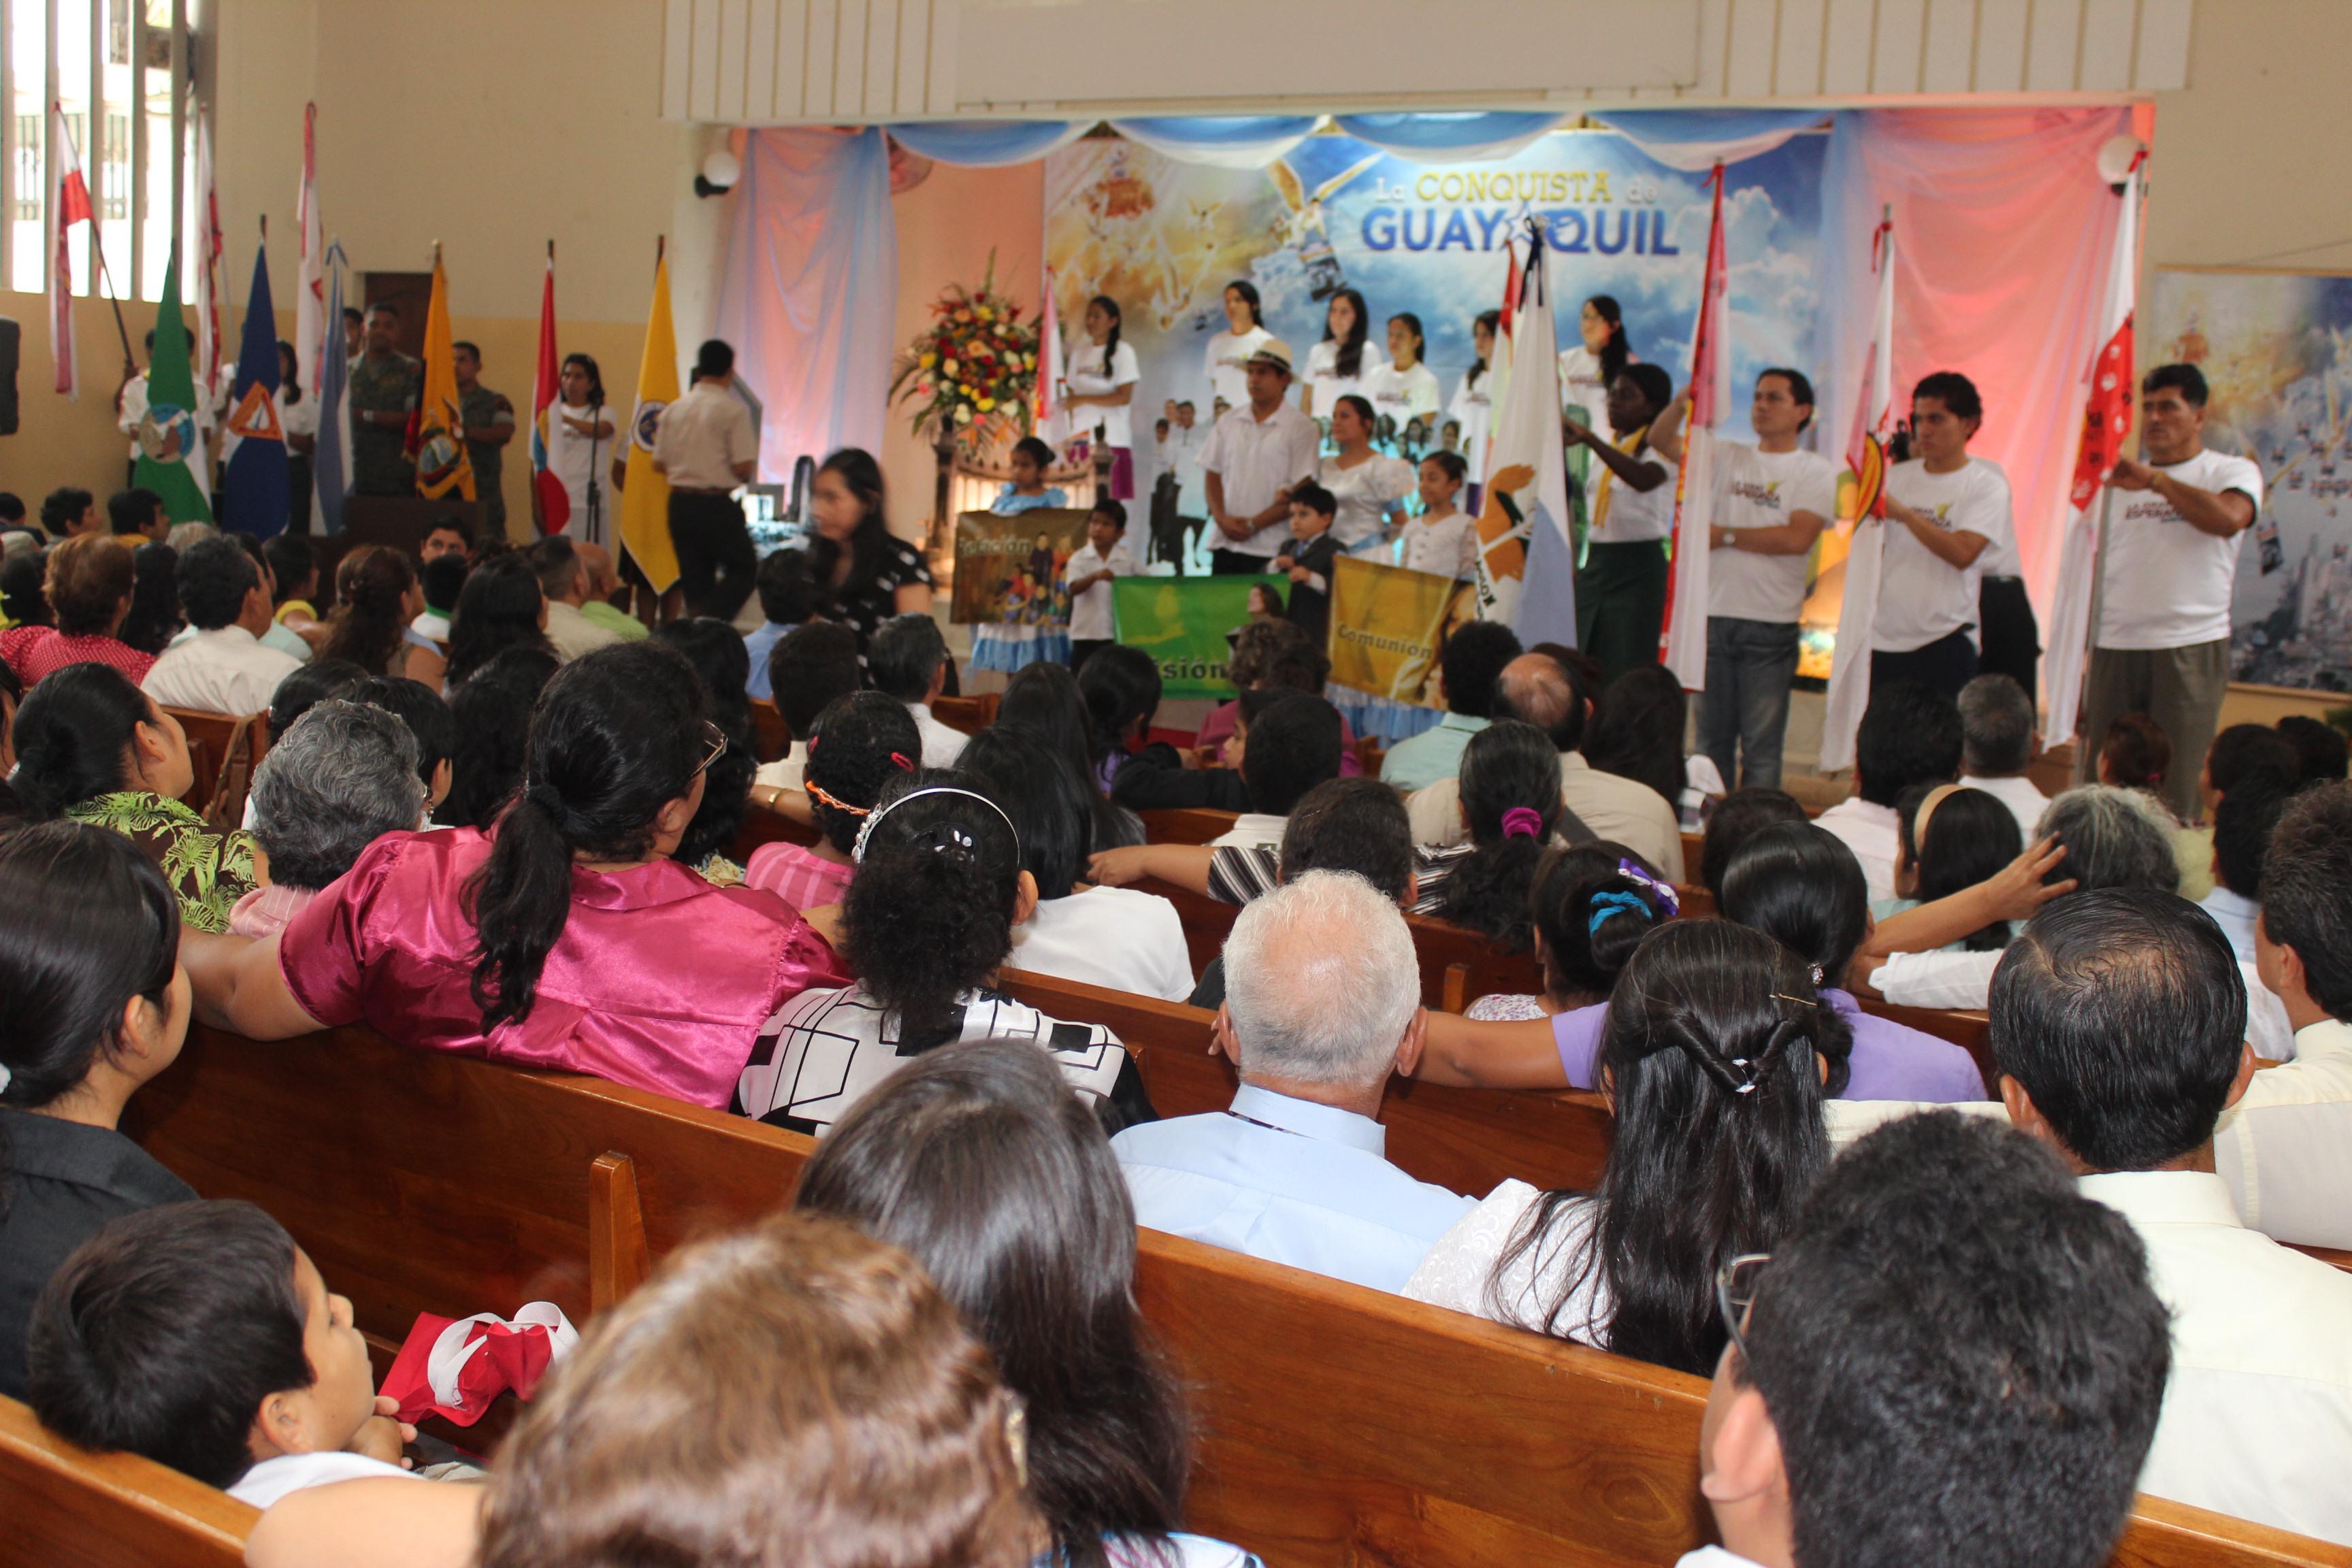 Los líderes y feligreses comprometidos en La Conquista de Guayaquil